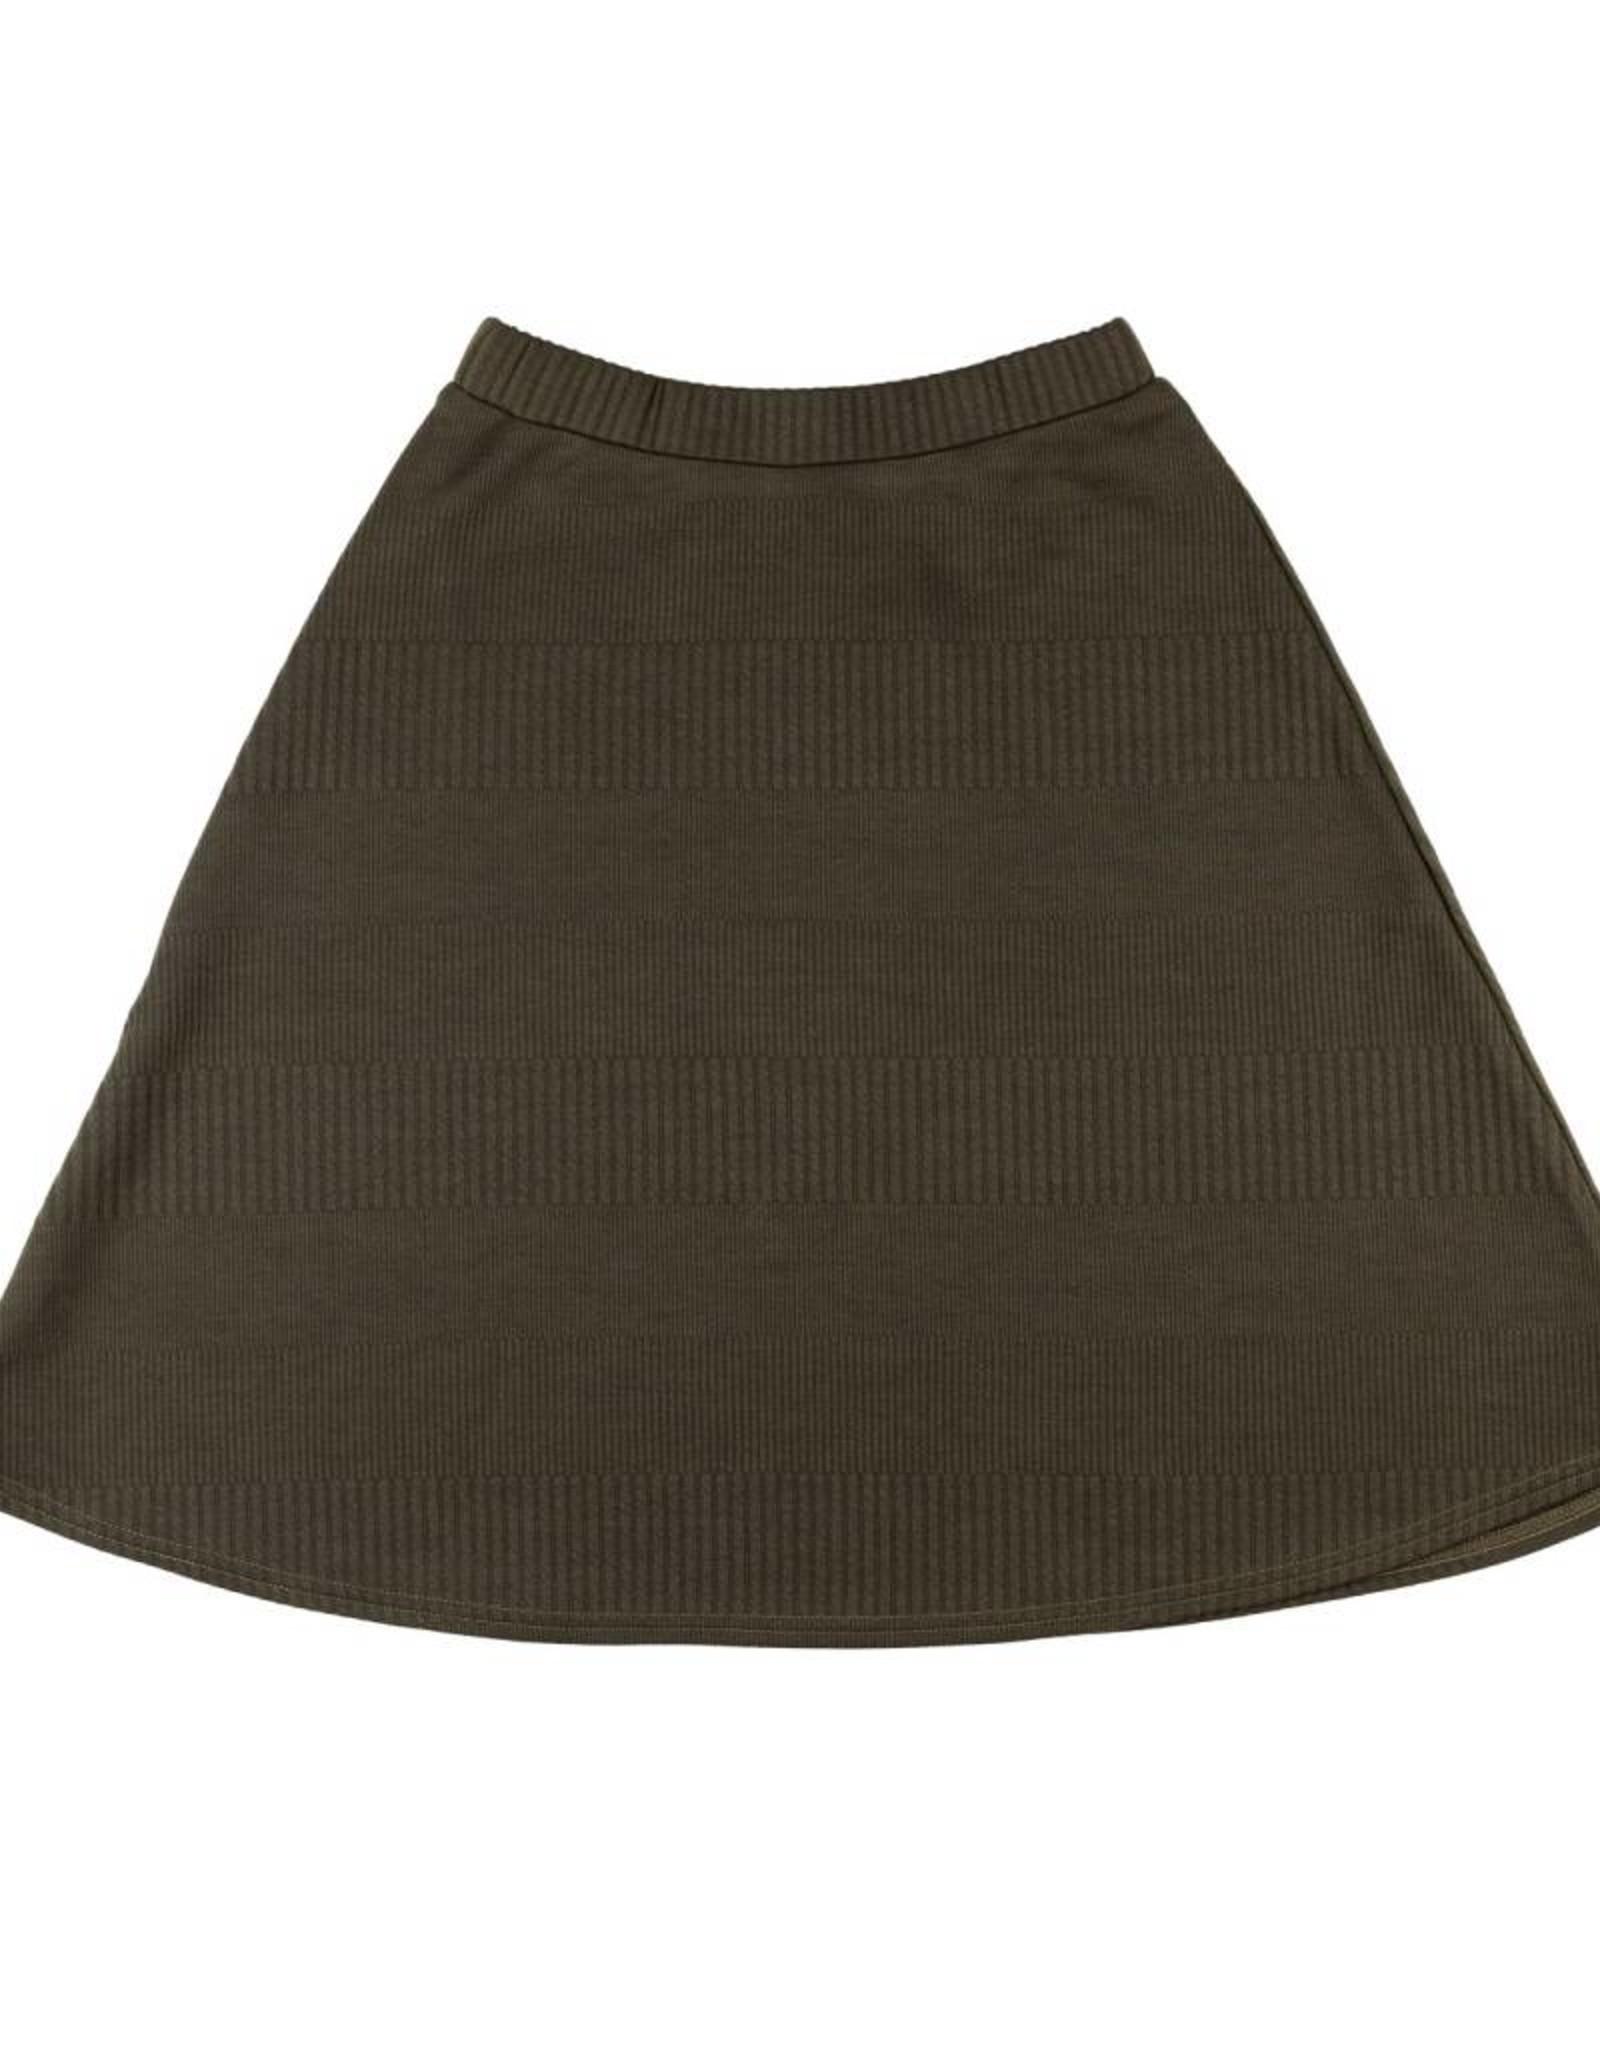 T.T.N. T.T.N. Knit Aline Skirt